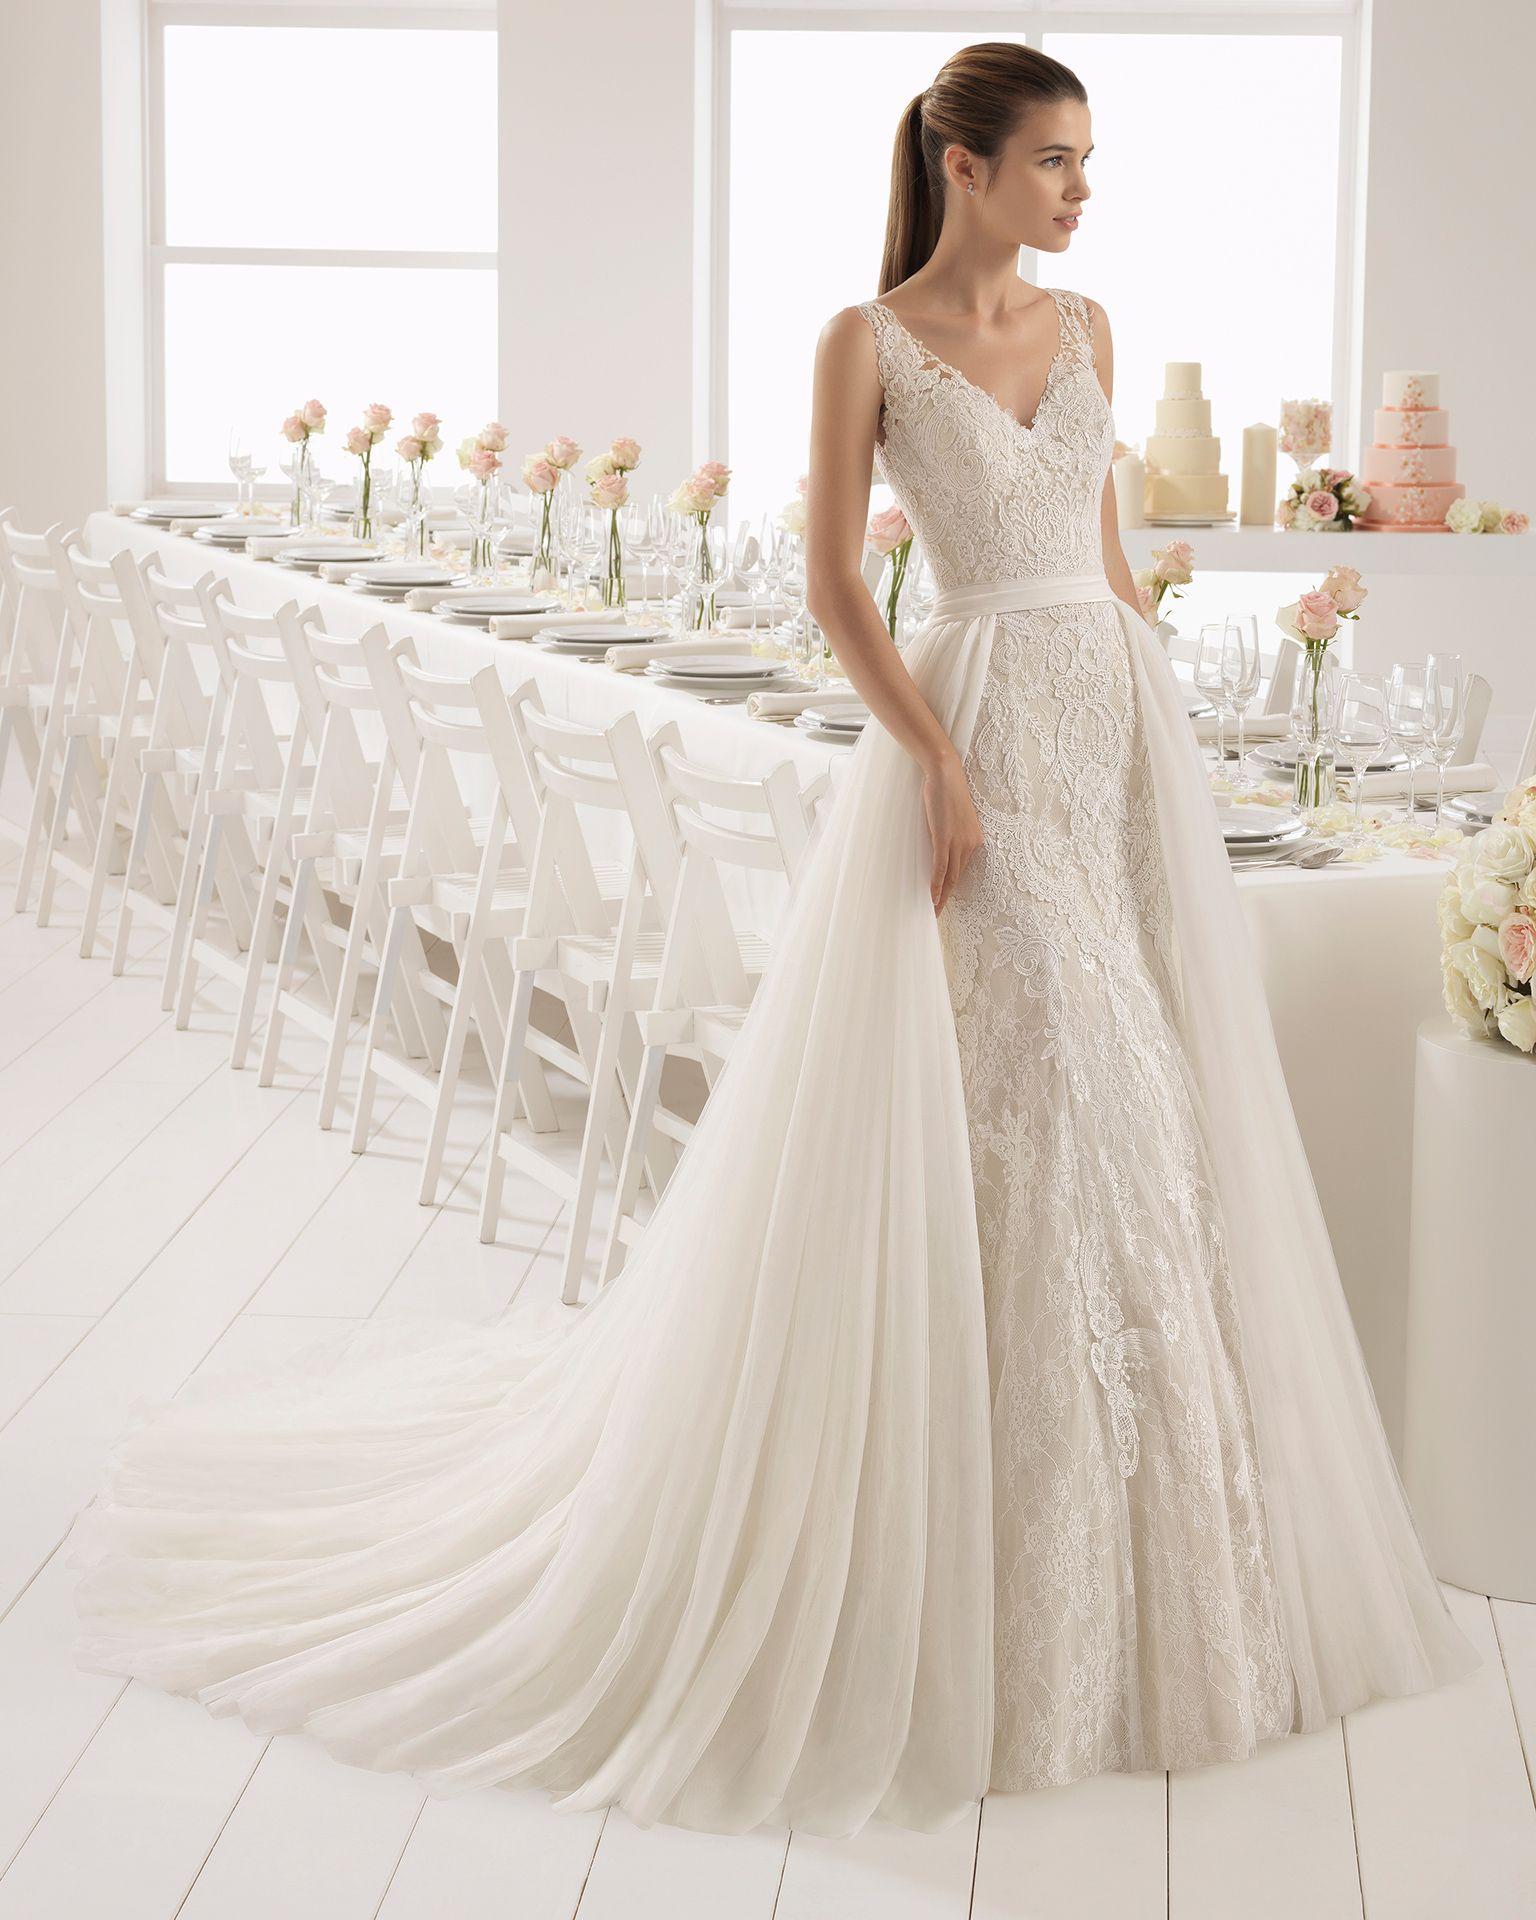 Vestido de novia corte sirena en encaje con escote v en color nude y